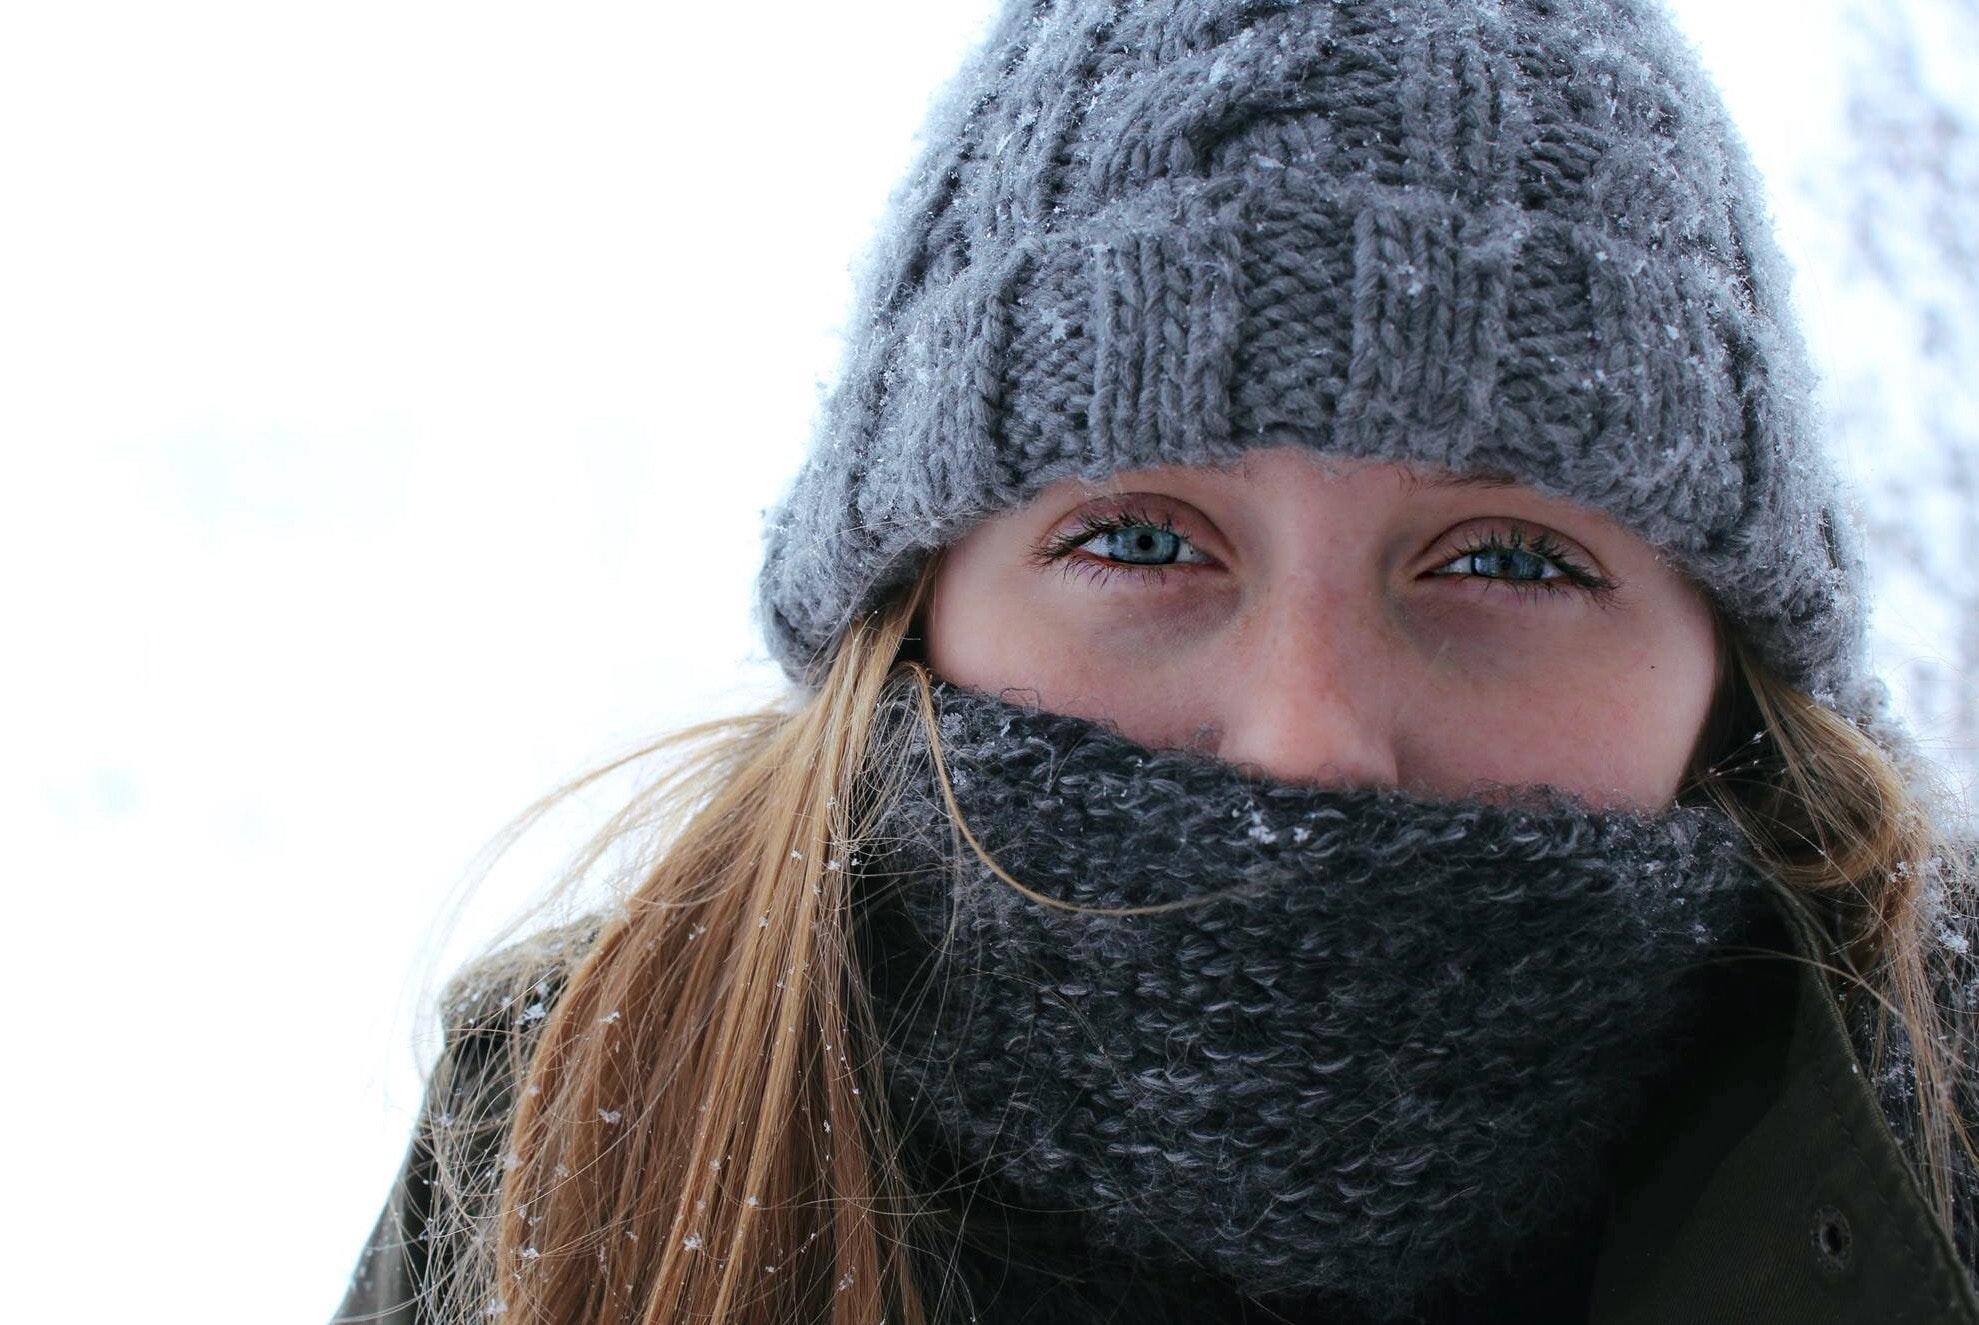 Pourquoi le nez coule t-il en hiver ?